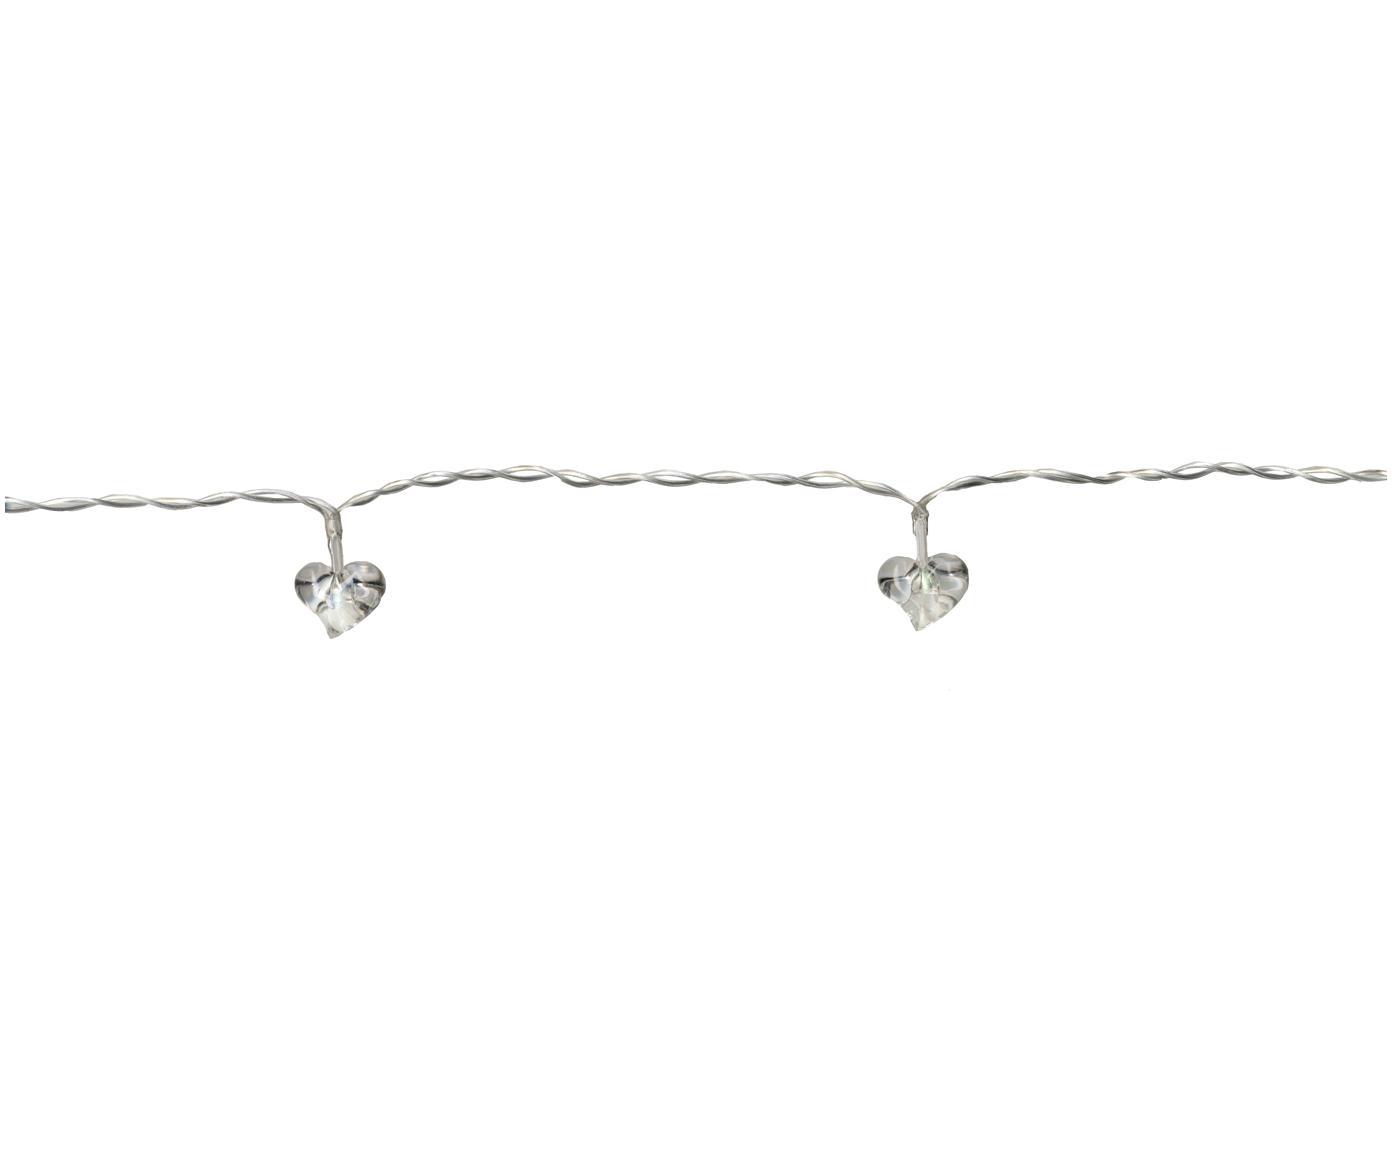 LED Lichterkette Heart, 135 cm, Kunststoff, Transparent, L 135 cm